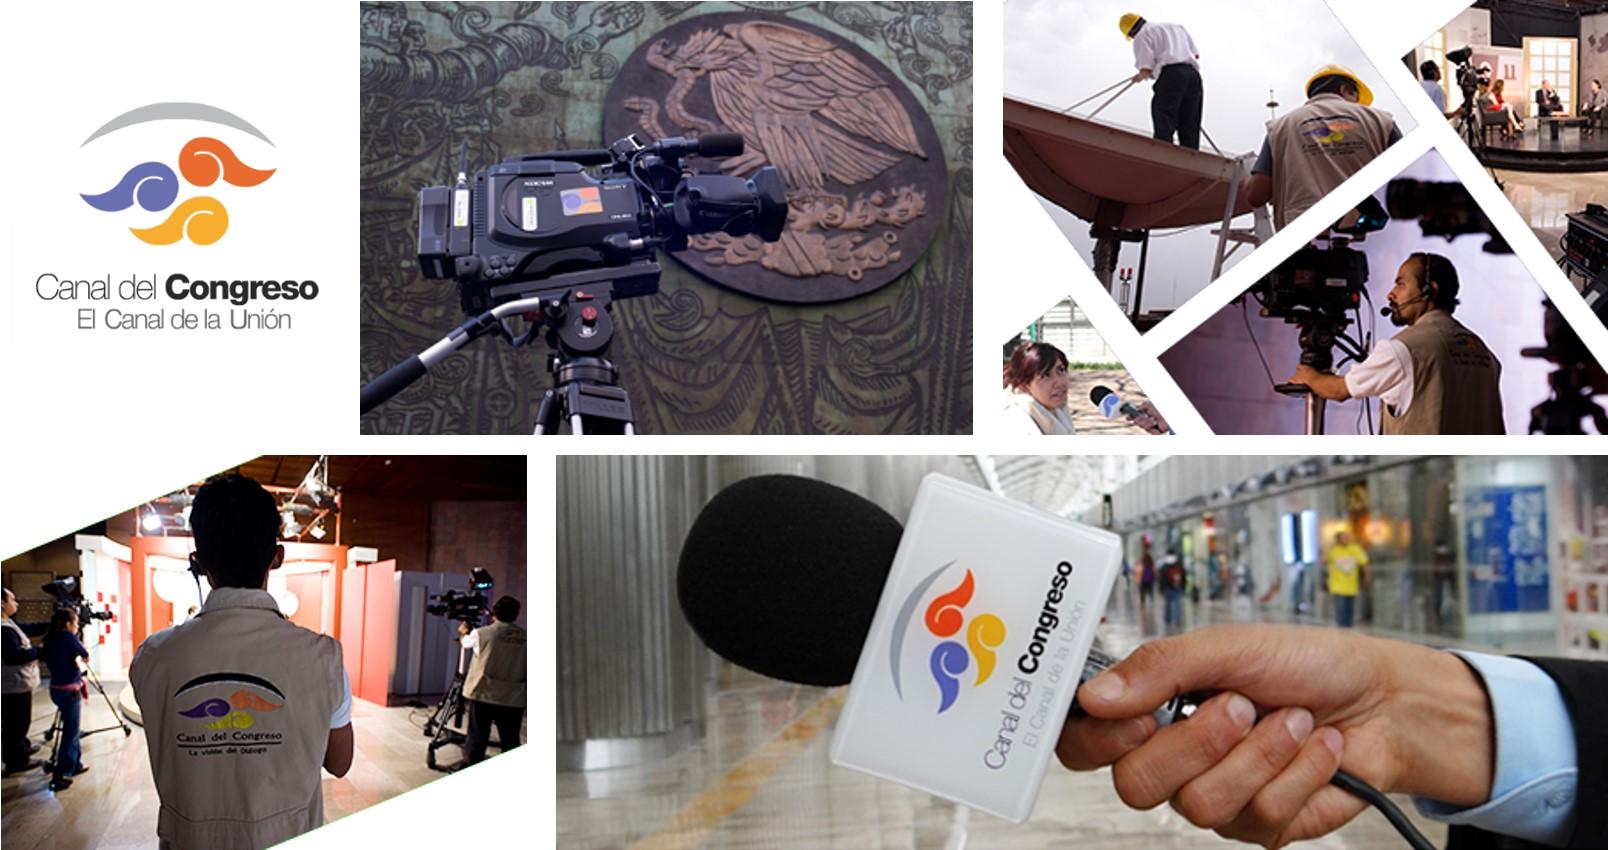 Dotan+al+Canal+del+Congreso+de+marco+jur%C3%ADdico+acorde+a+su+autonom%C3%ADa+t%C3%A9cnica+y+de+gesti%C3%B3n